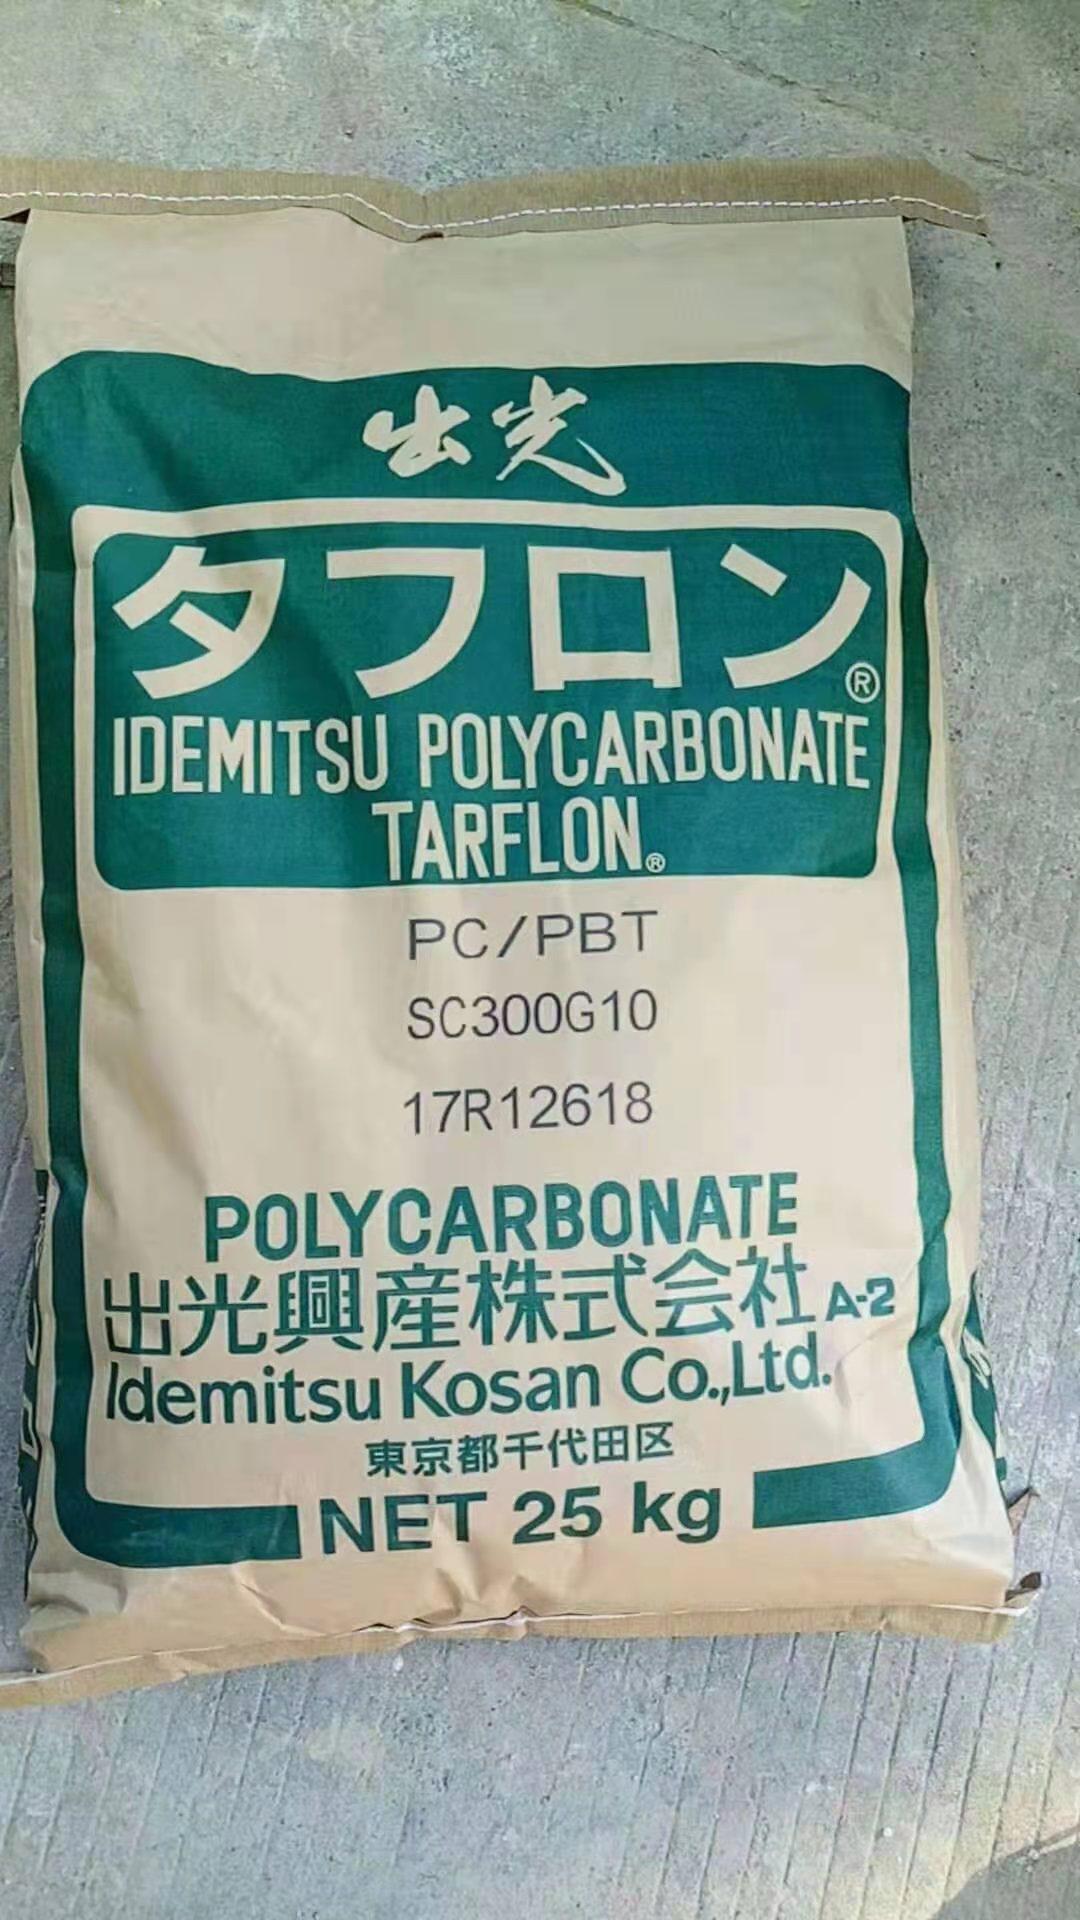 日本出光PC/PBT SC300G10材料瓷白顏色性能及采購信息